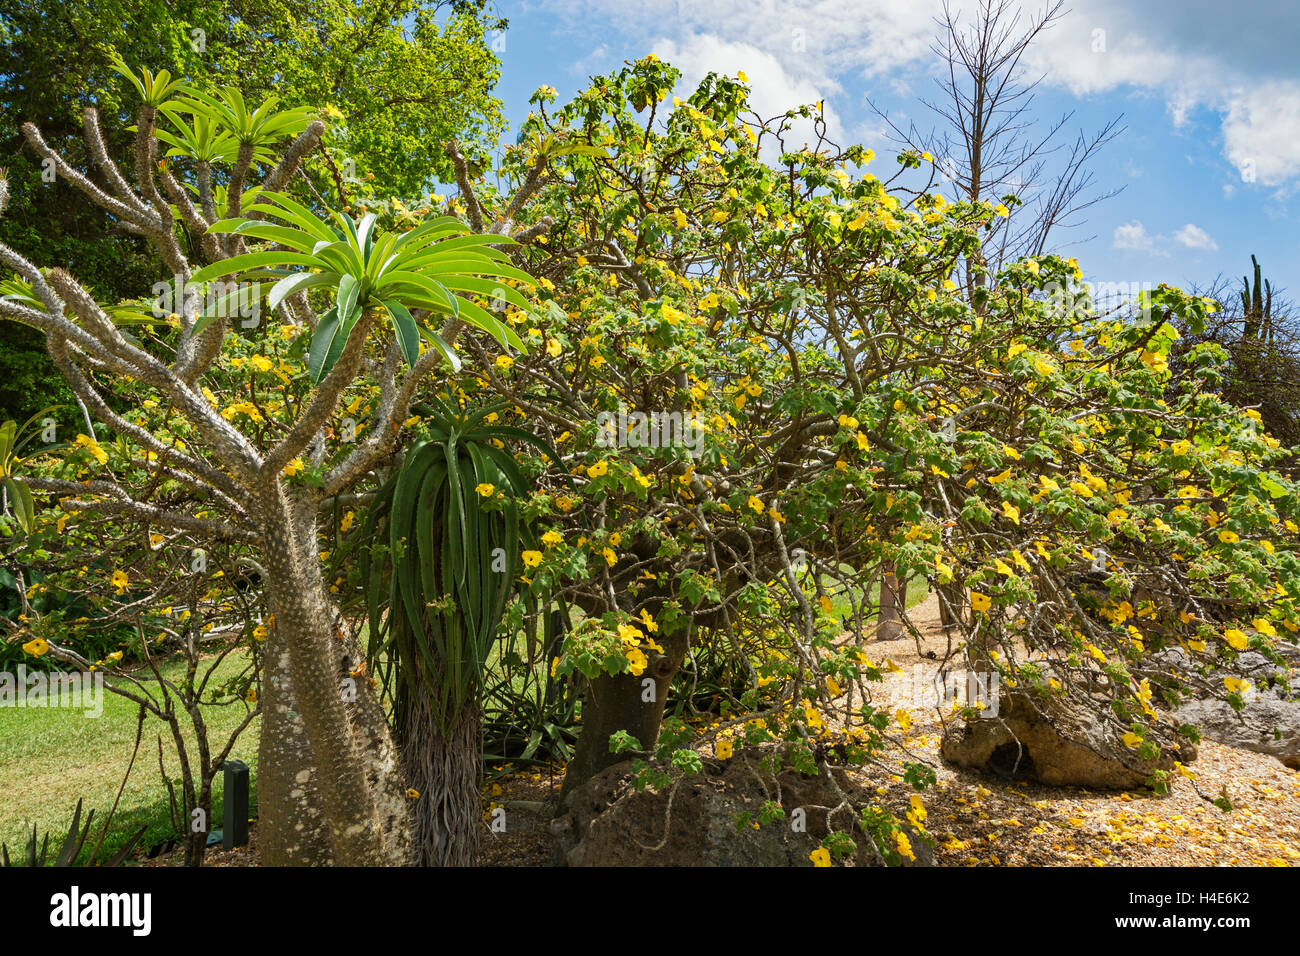 Florida Coral Gables Fairchild Tropical Botanic Garden